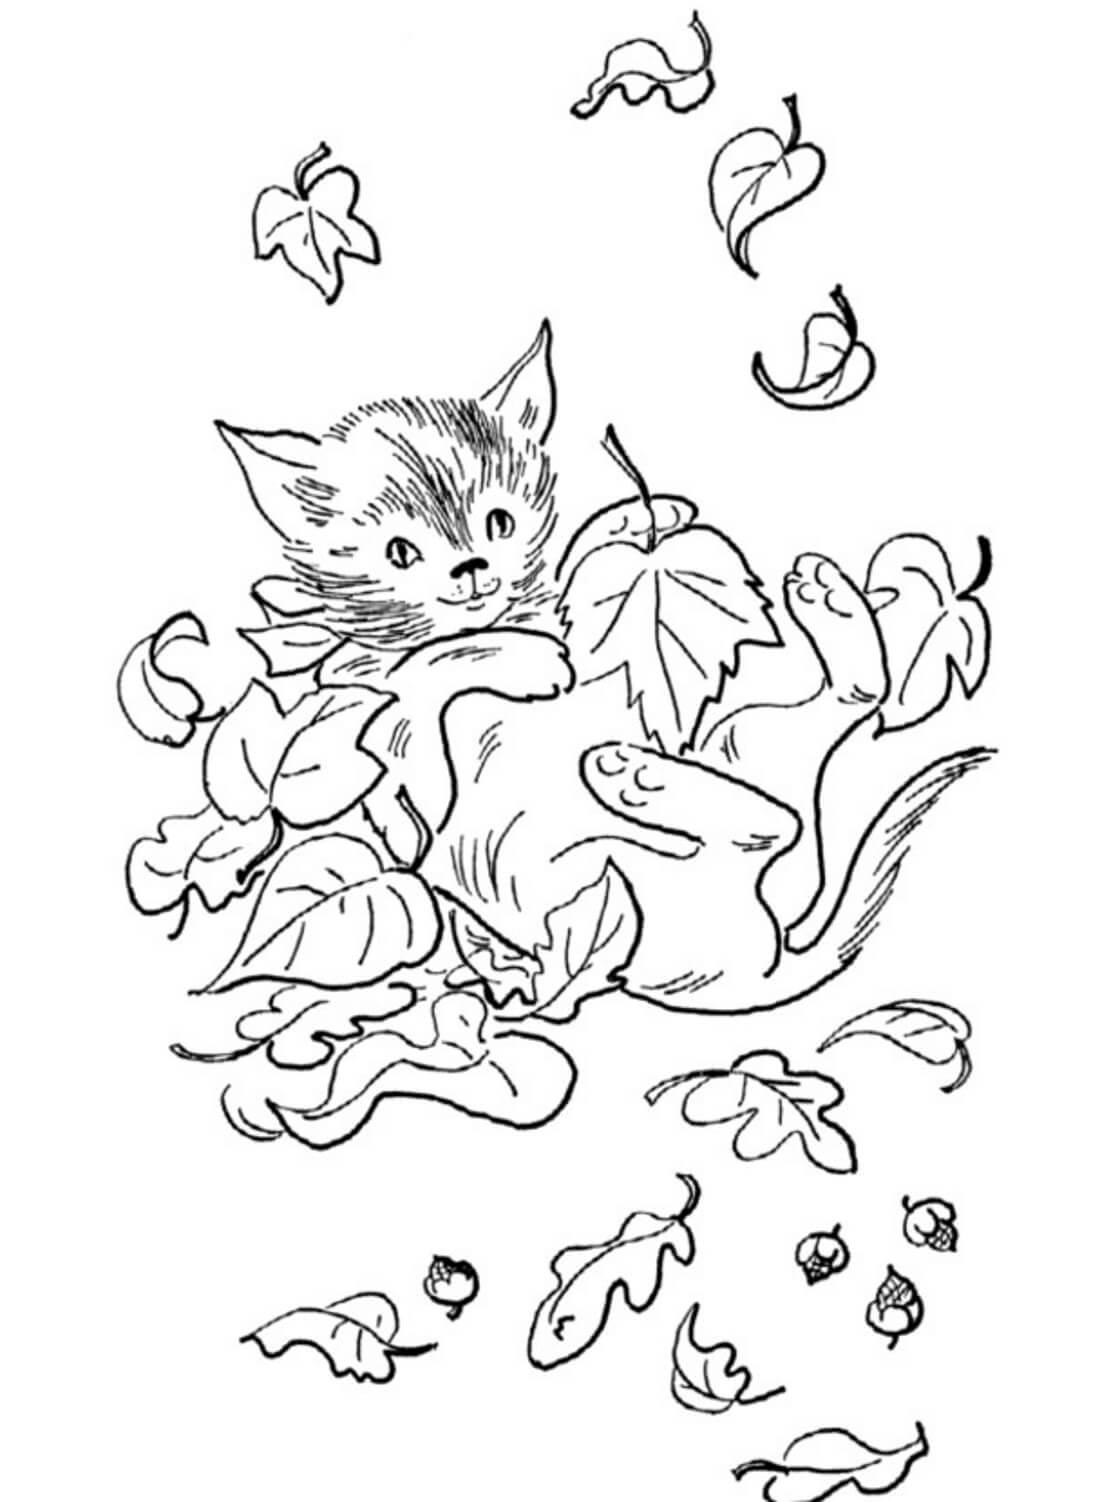 Раскраска Котик в листьях